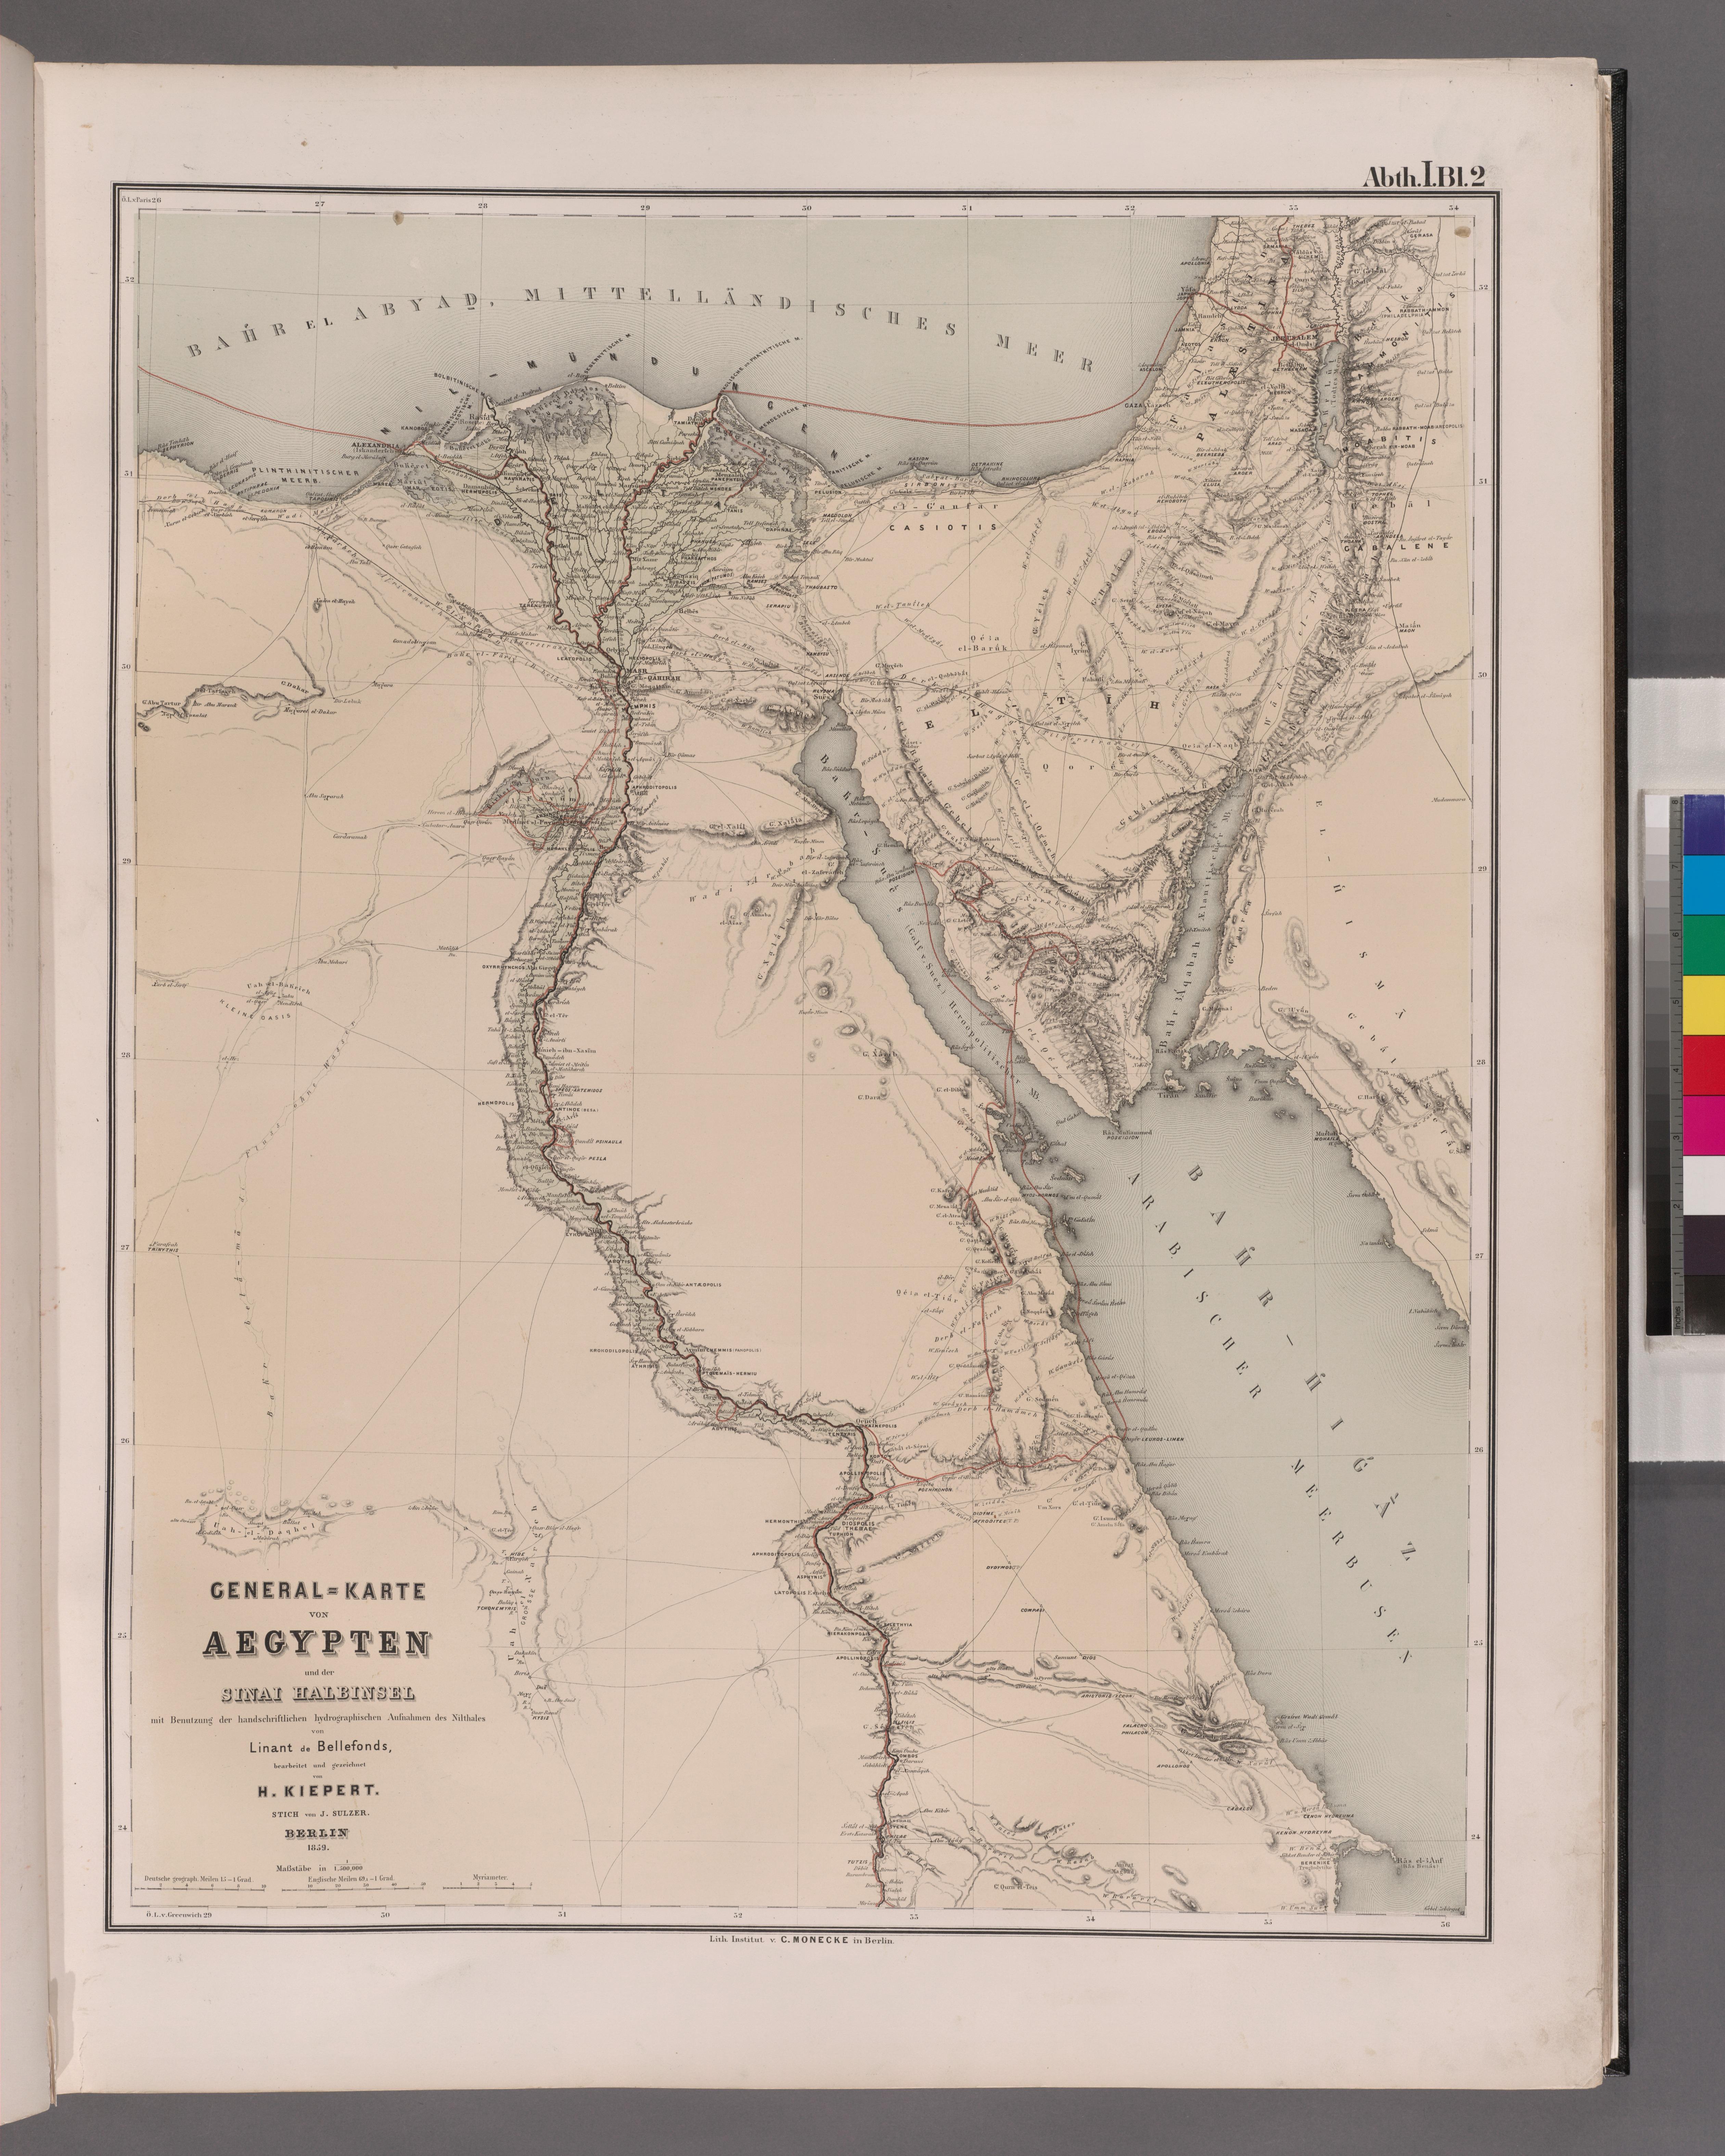 sinai halbinsel karte File:General Karte von Aegypten und der Sinai Halbinsel mit